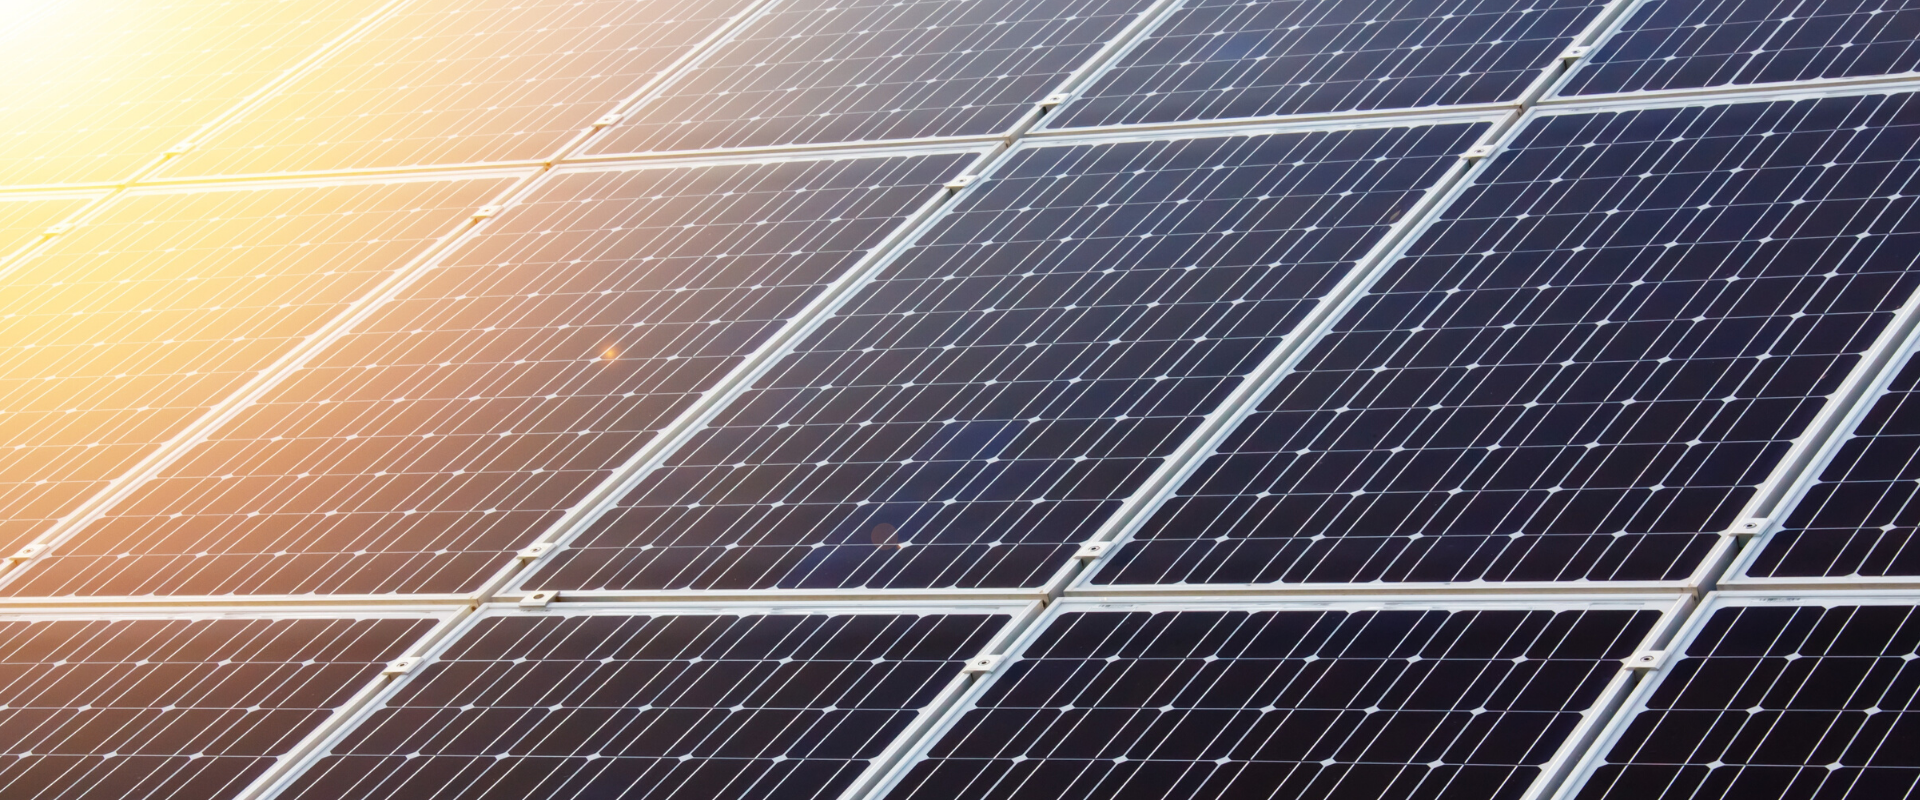 ביצוע עבודות חשמל למערכות סולאריות